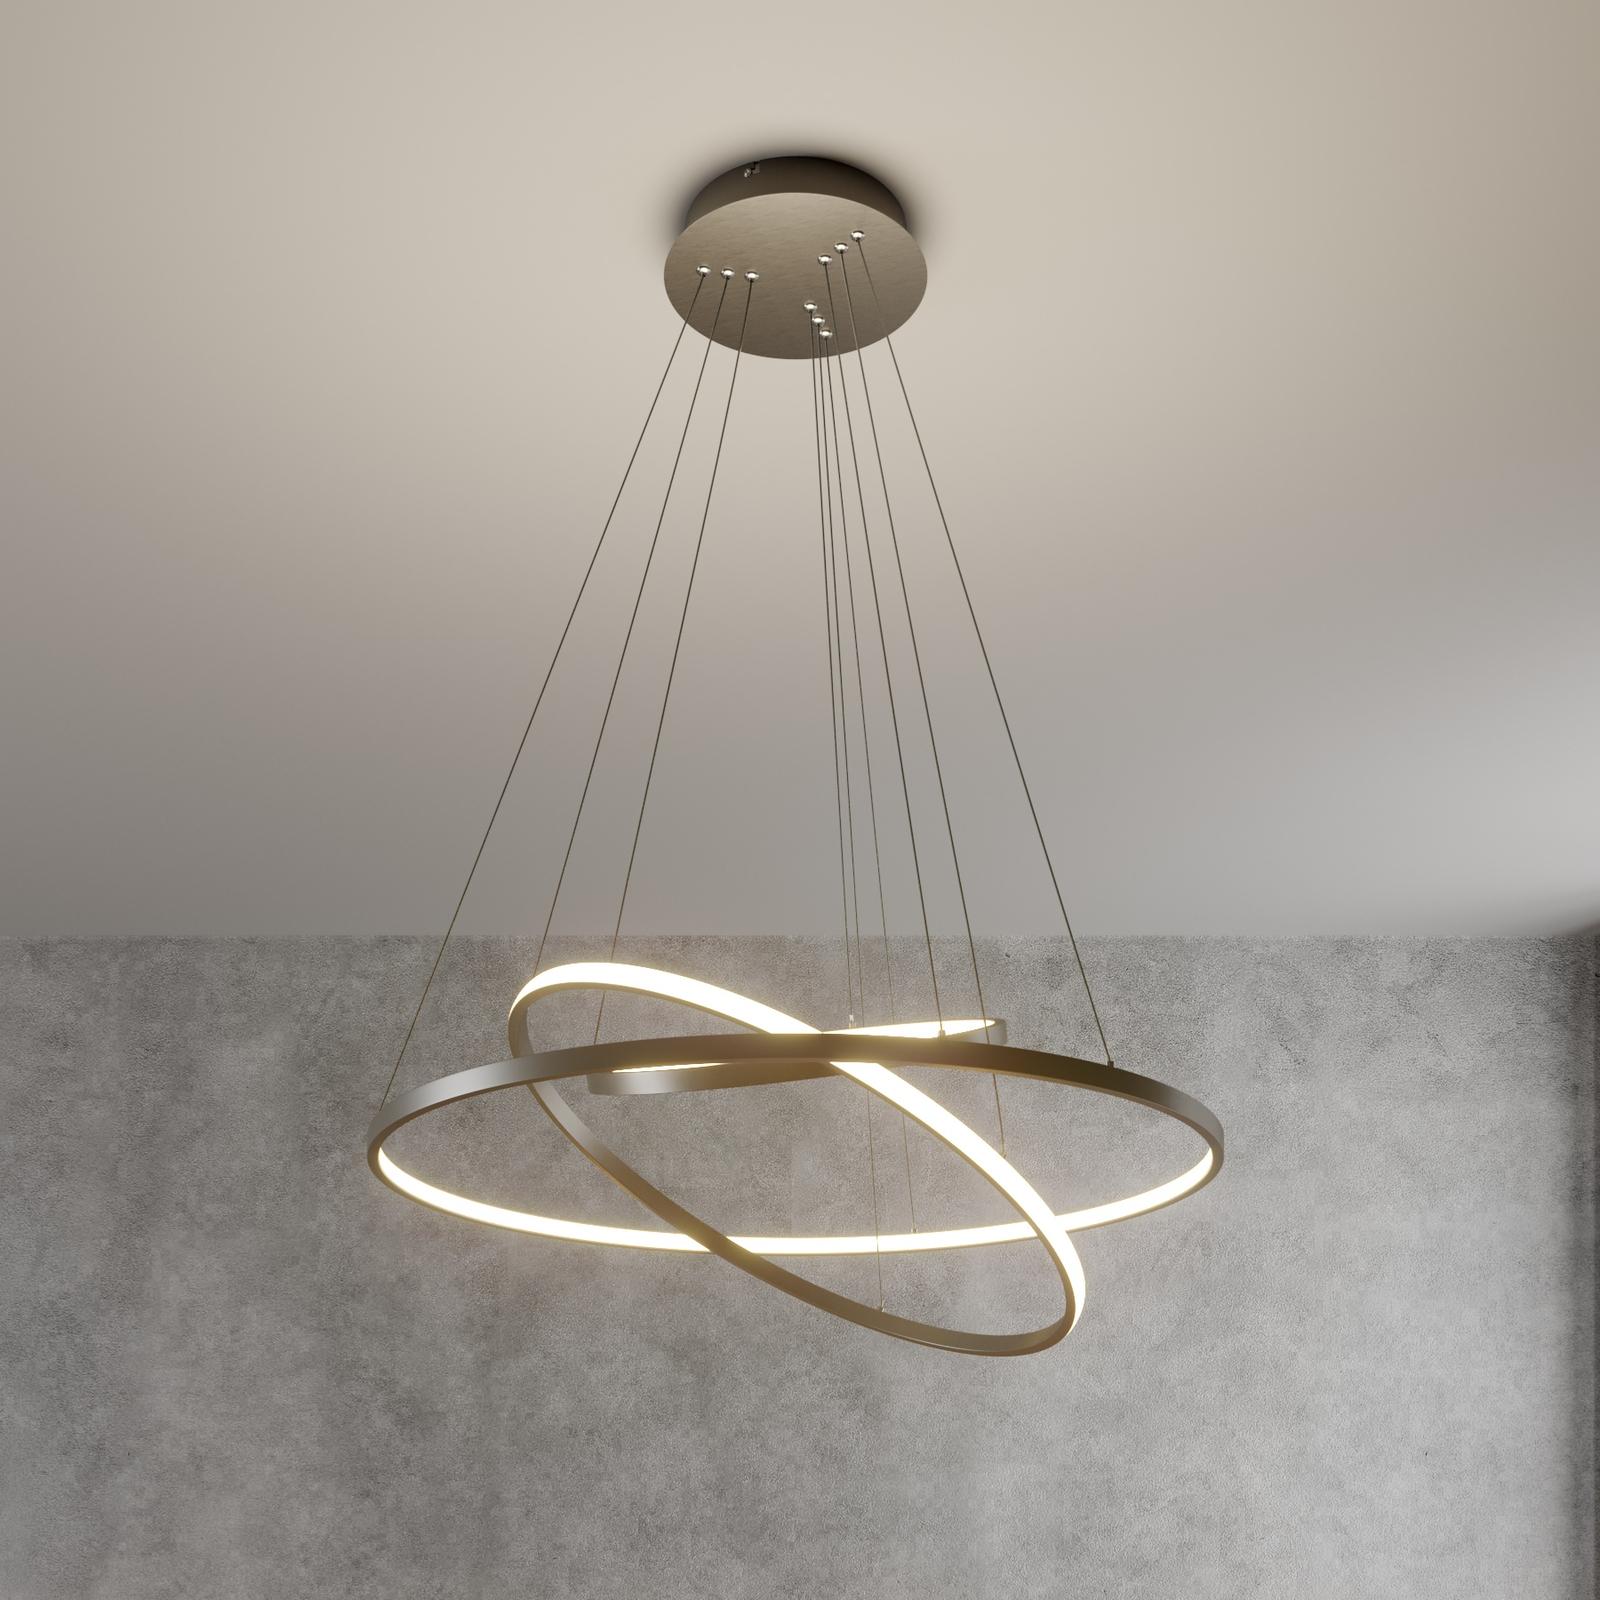 LED-Pendellampe Ezana aus drei Ringen, nickel